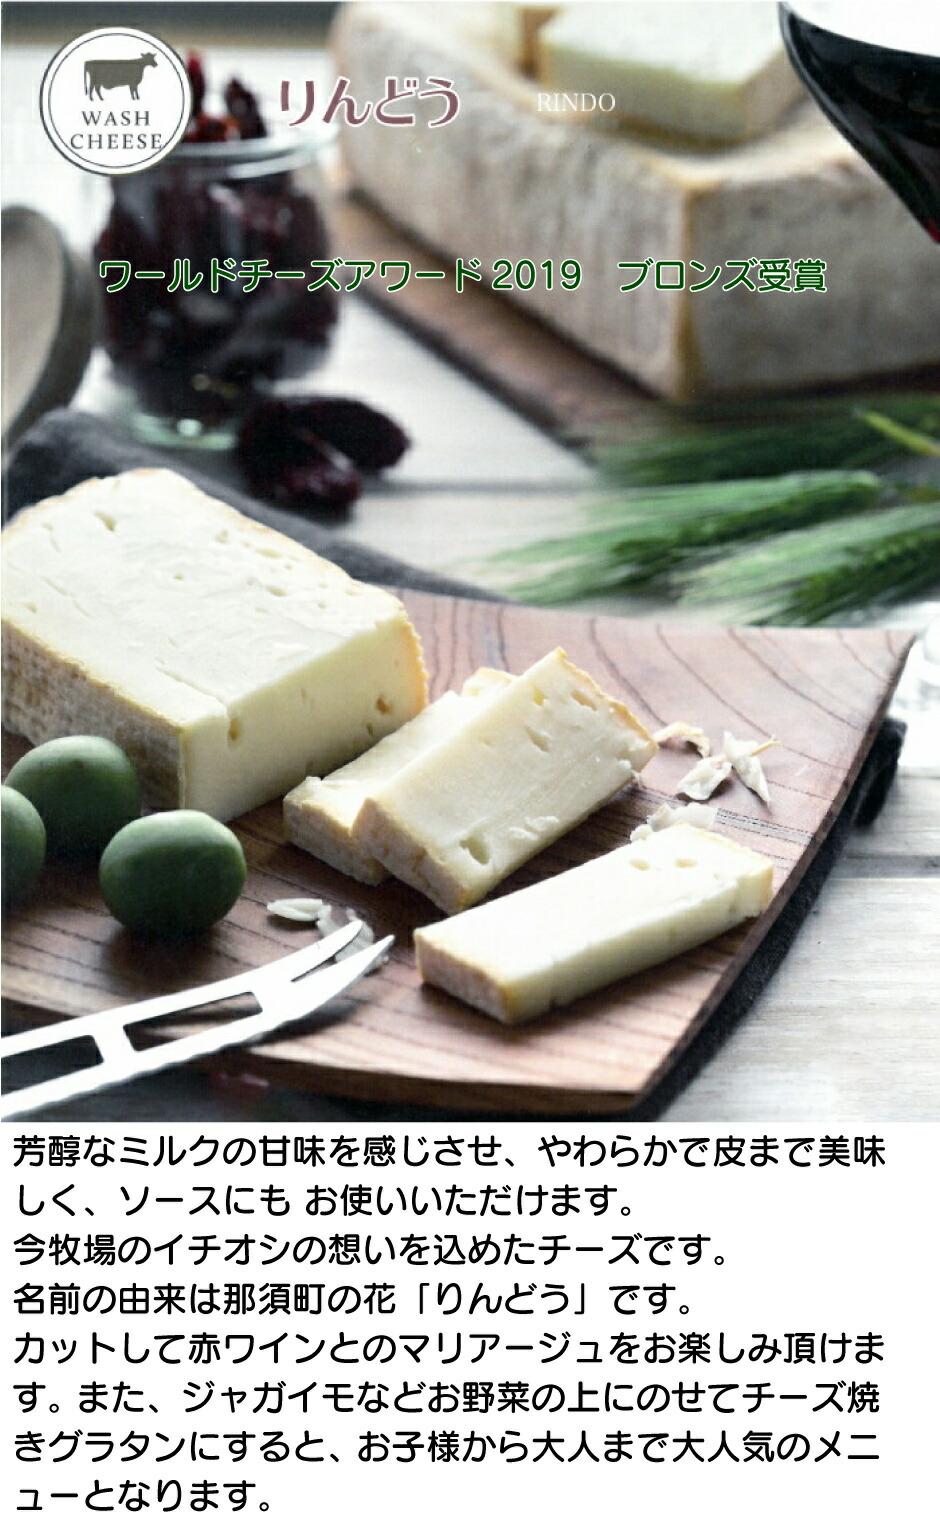 紙の包装を開けると一気に広がる独特の香り。 普段からチーズを食べている人にとっては、たまらない瞬間です。 全身真っ黒の見た目に最初は驚きますが、ナイフでカットすれば真っ白で 上品な山羊のチーズがあらわれます。 茶臼岳は、口の中に入れると溶けるような舌触りの高品質チーズ。 まずはカットしてそのまま食べて風味をお楽しみください。 ドライフルーツや干し柿のような甘いものと合わせても美味しく頂けます。 カットしてすっきりした白ワインや日本酒とも相性がとても合います。 滑らかな舌触りは、山羊乳チーズの特徴で、食べれば食べるほどどんどん 深さにはまっていきます。フランスでは、バケットの上にのせてオーブン で焼いたものをサラダに入れて楽しみます。